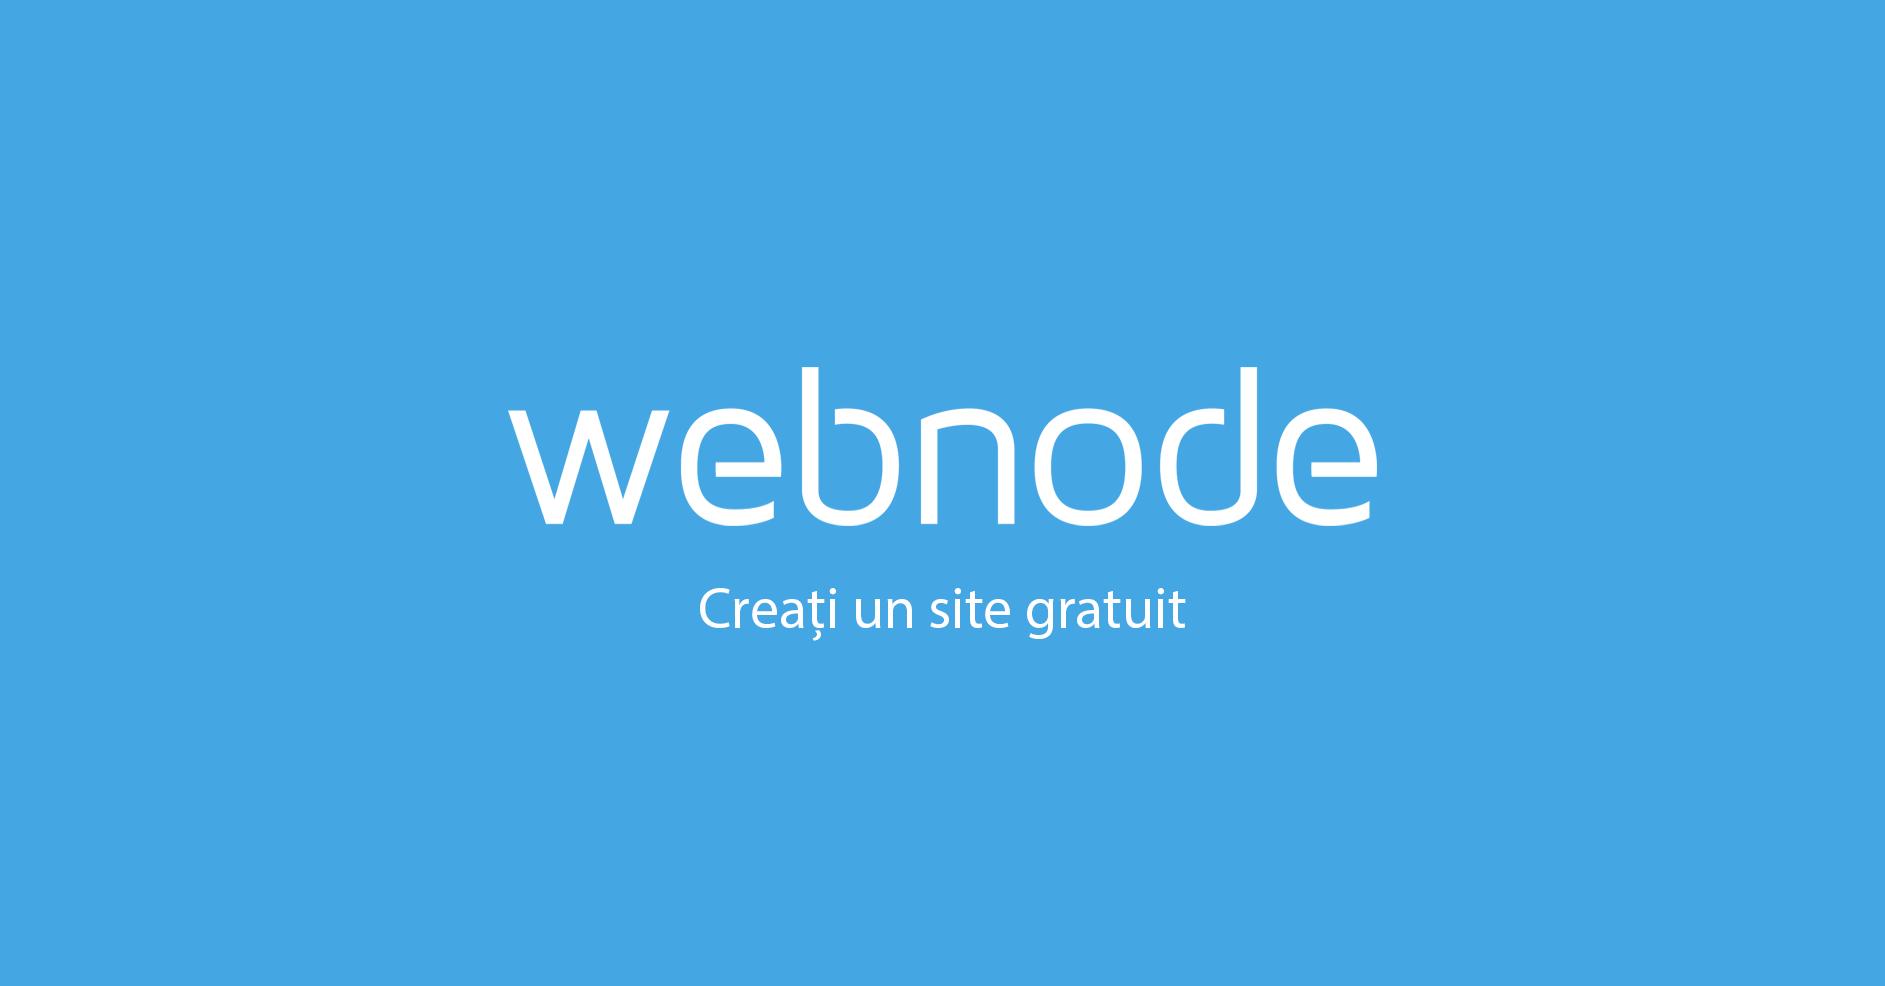 creați un site web pentru bani rapidi